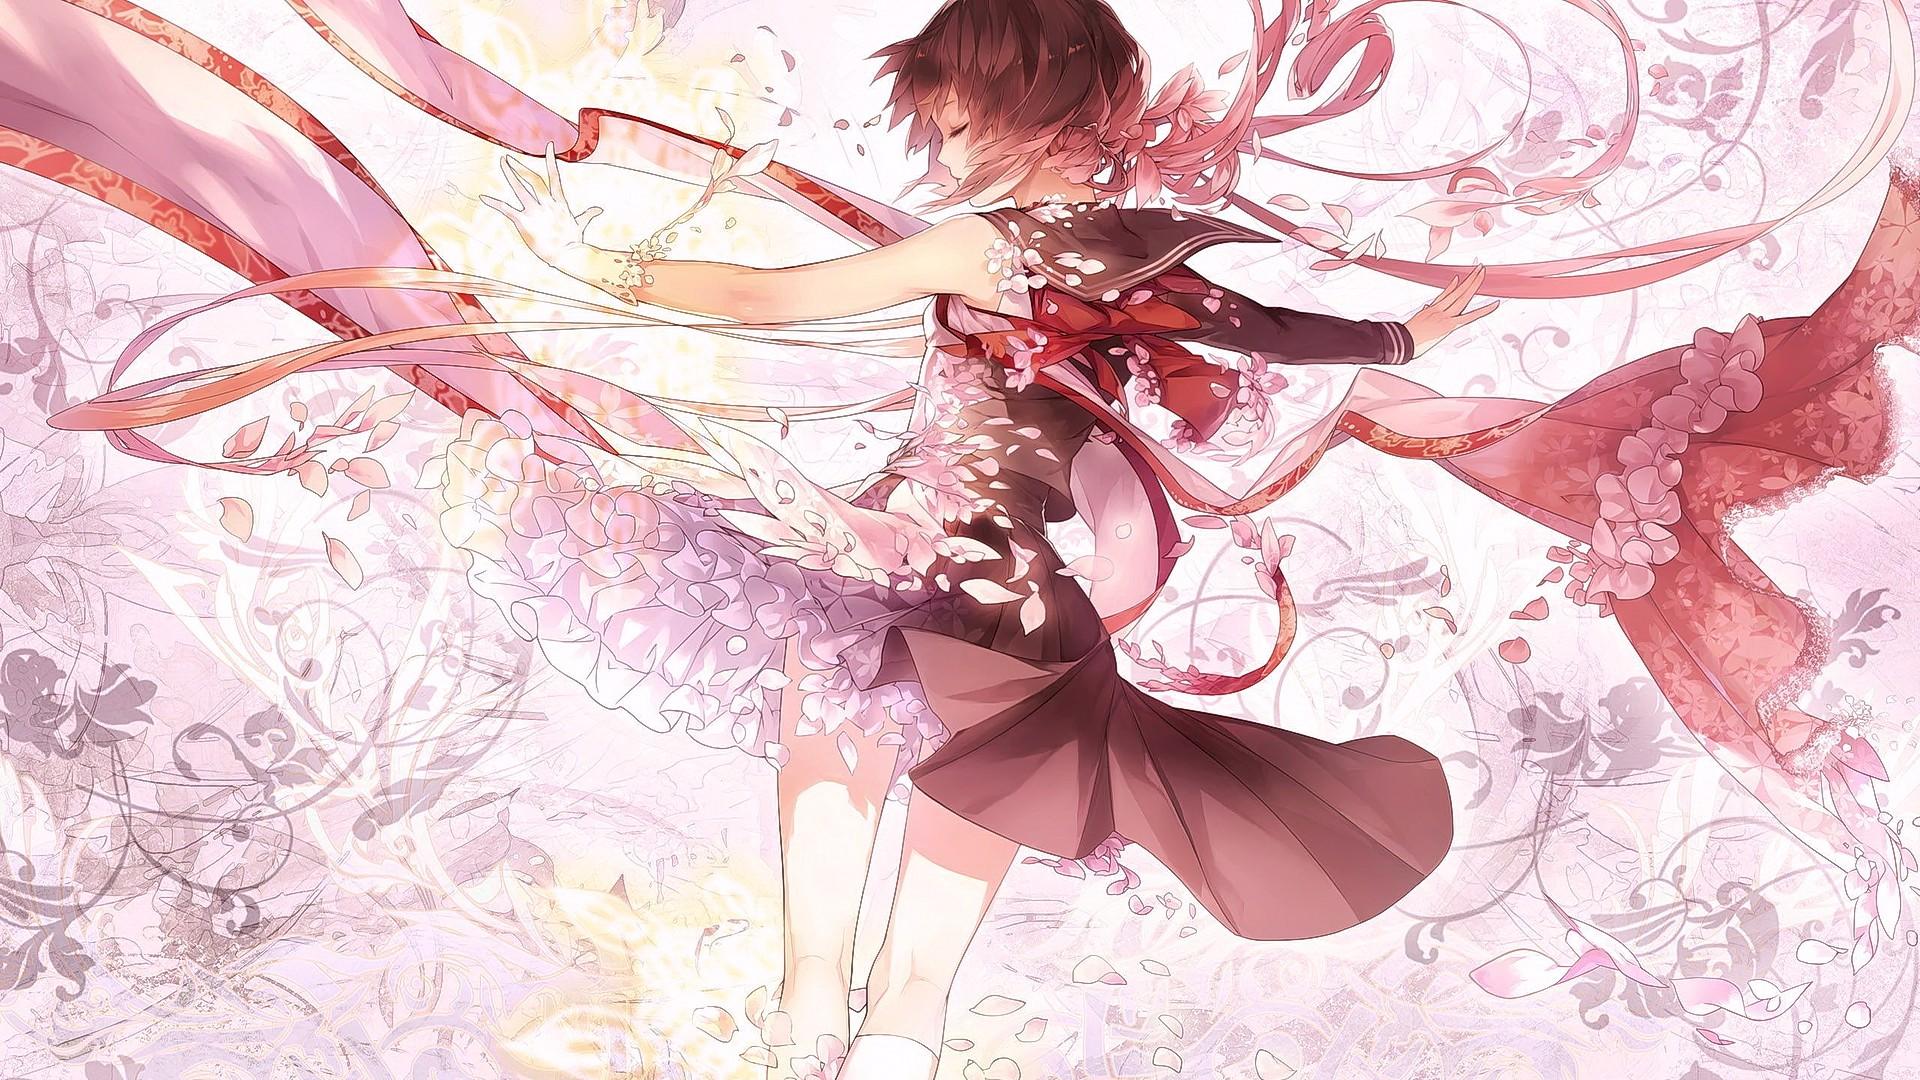 Fondos de pantalla ilustraci n chica de fantas a anime - Boy with rose wallpaper ...